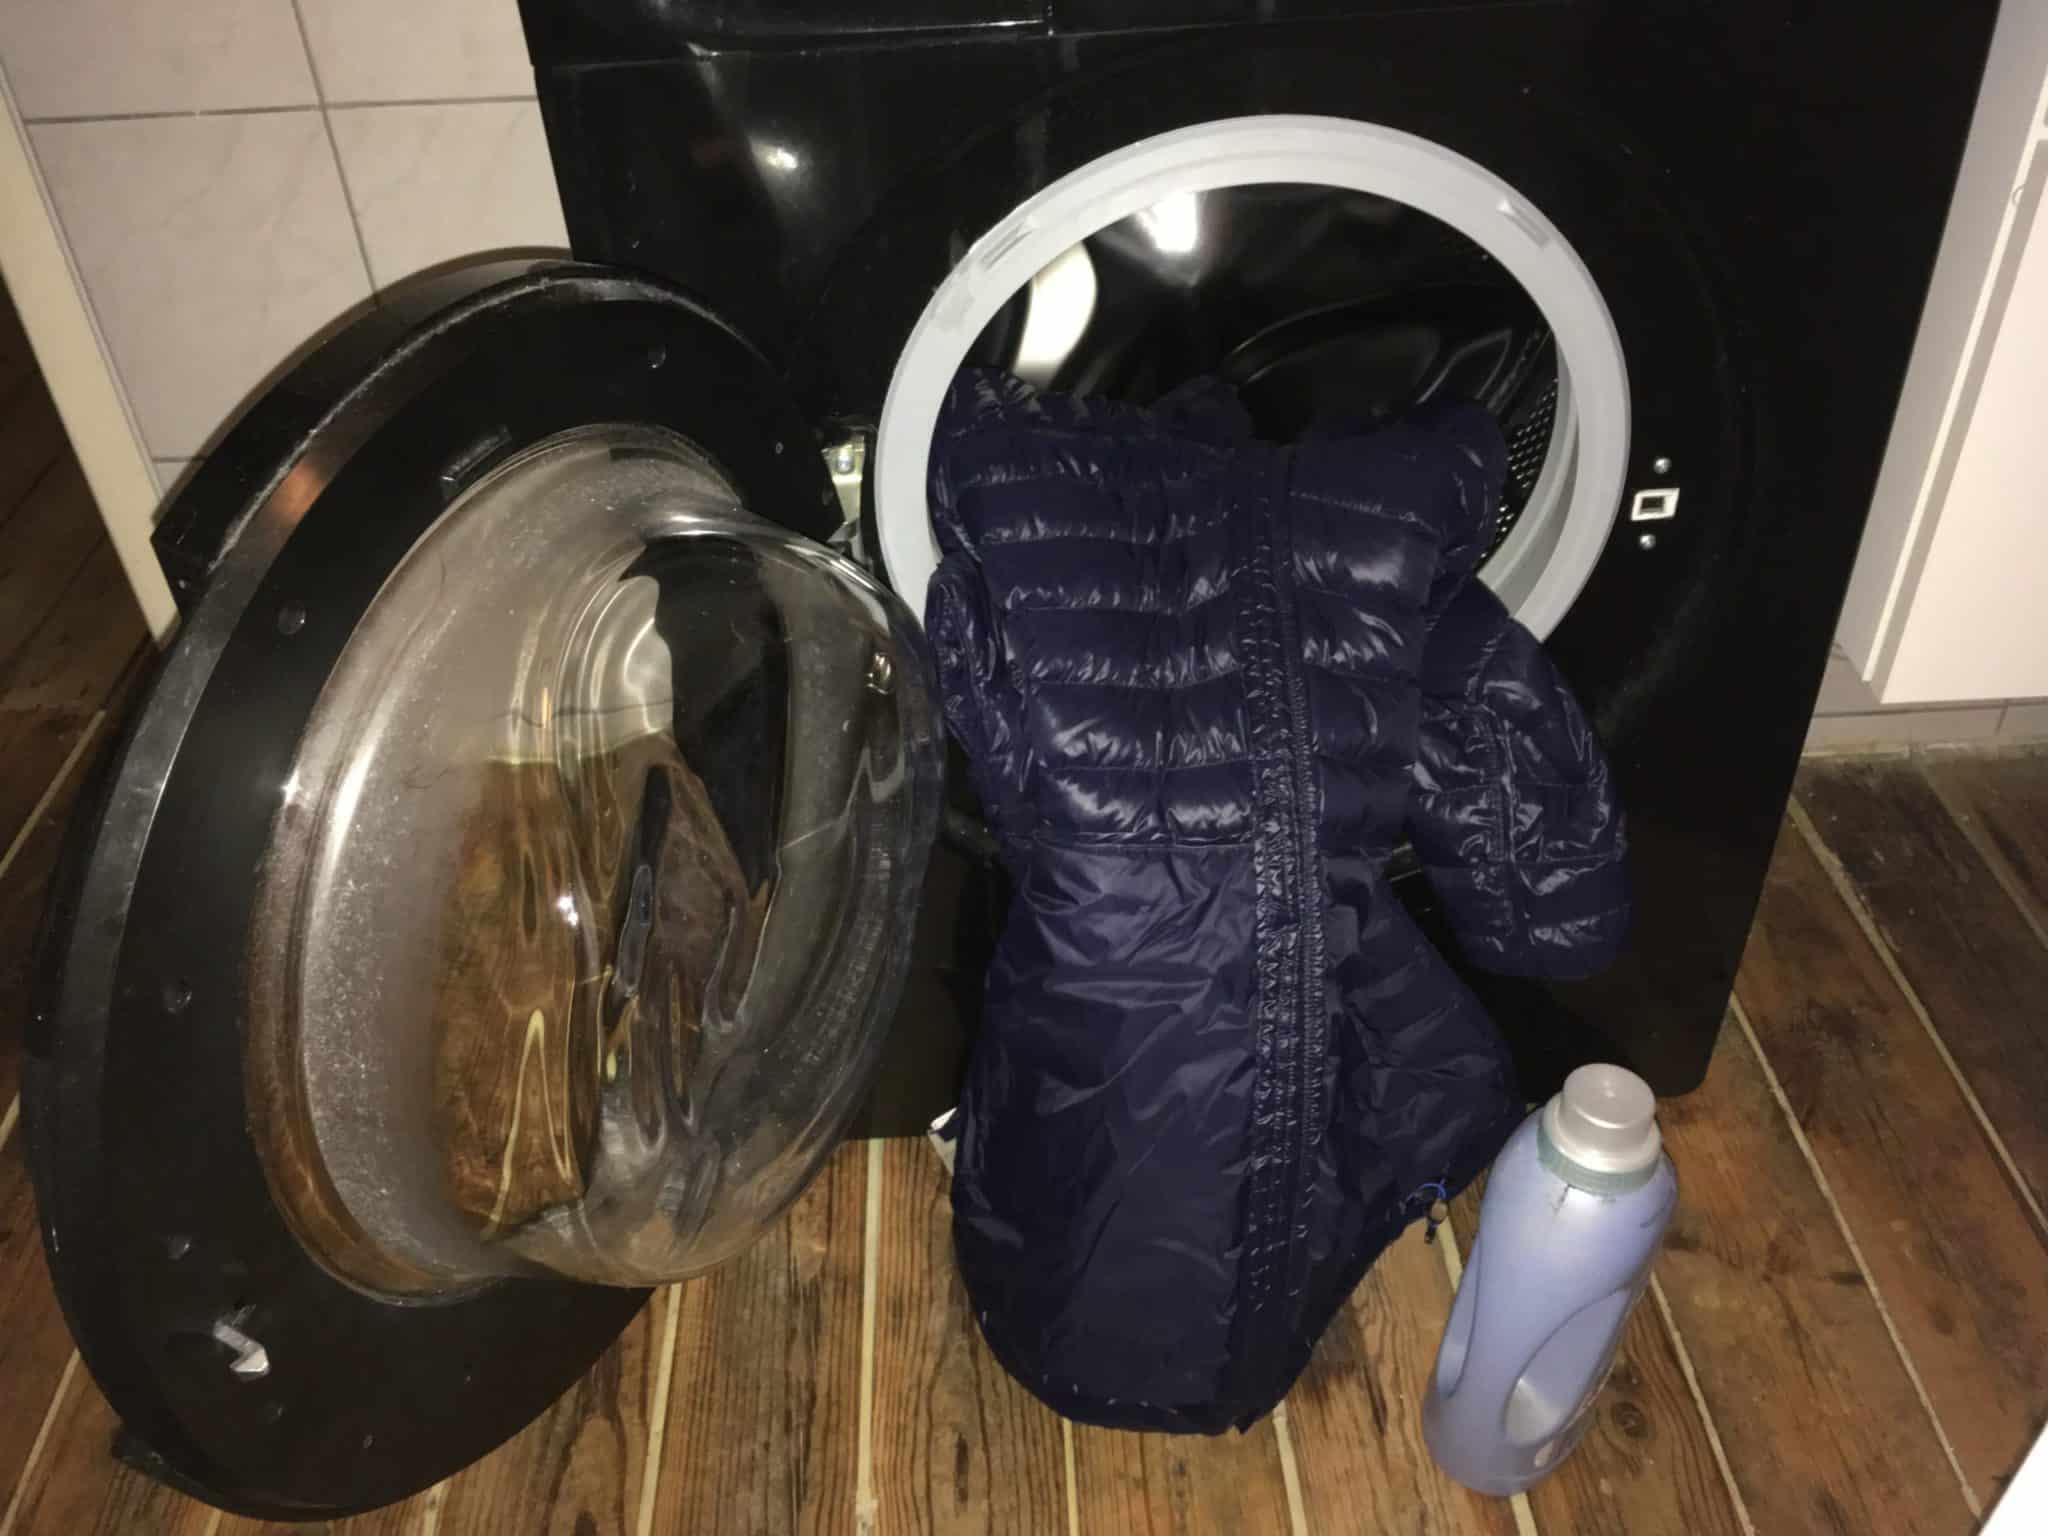 Daunenjacke und Waschmittel vorm Trockner